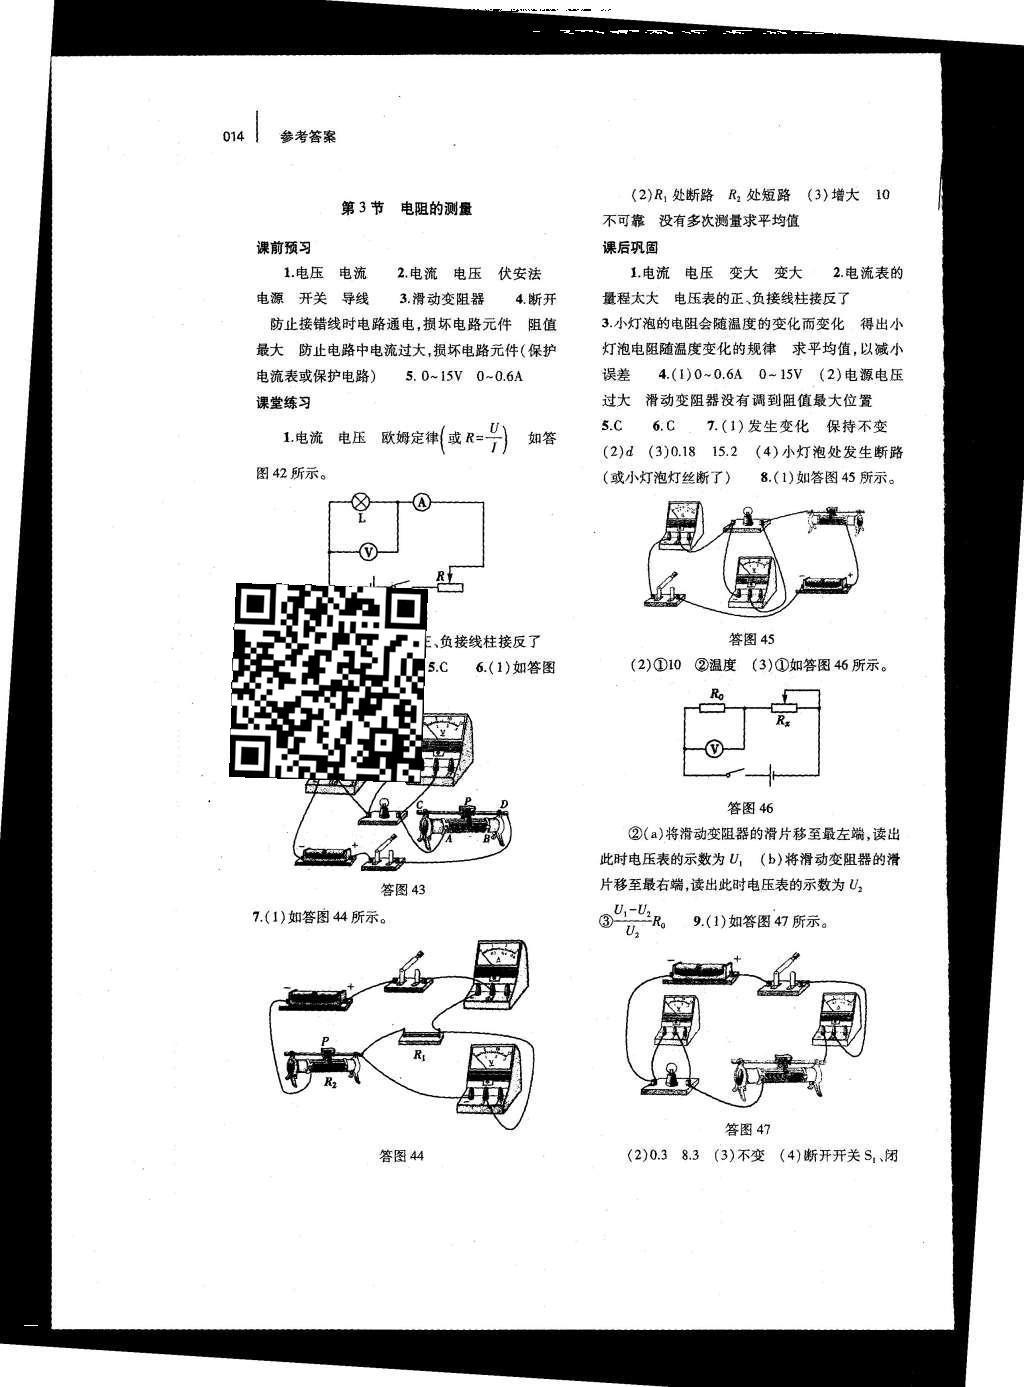 2015年基础训练九年级物理全一册人教版河南省内使用参考答案第26页